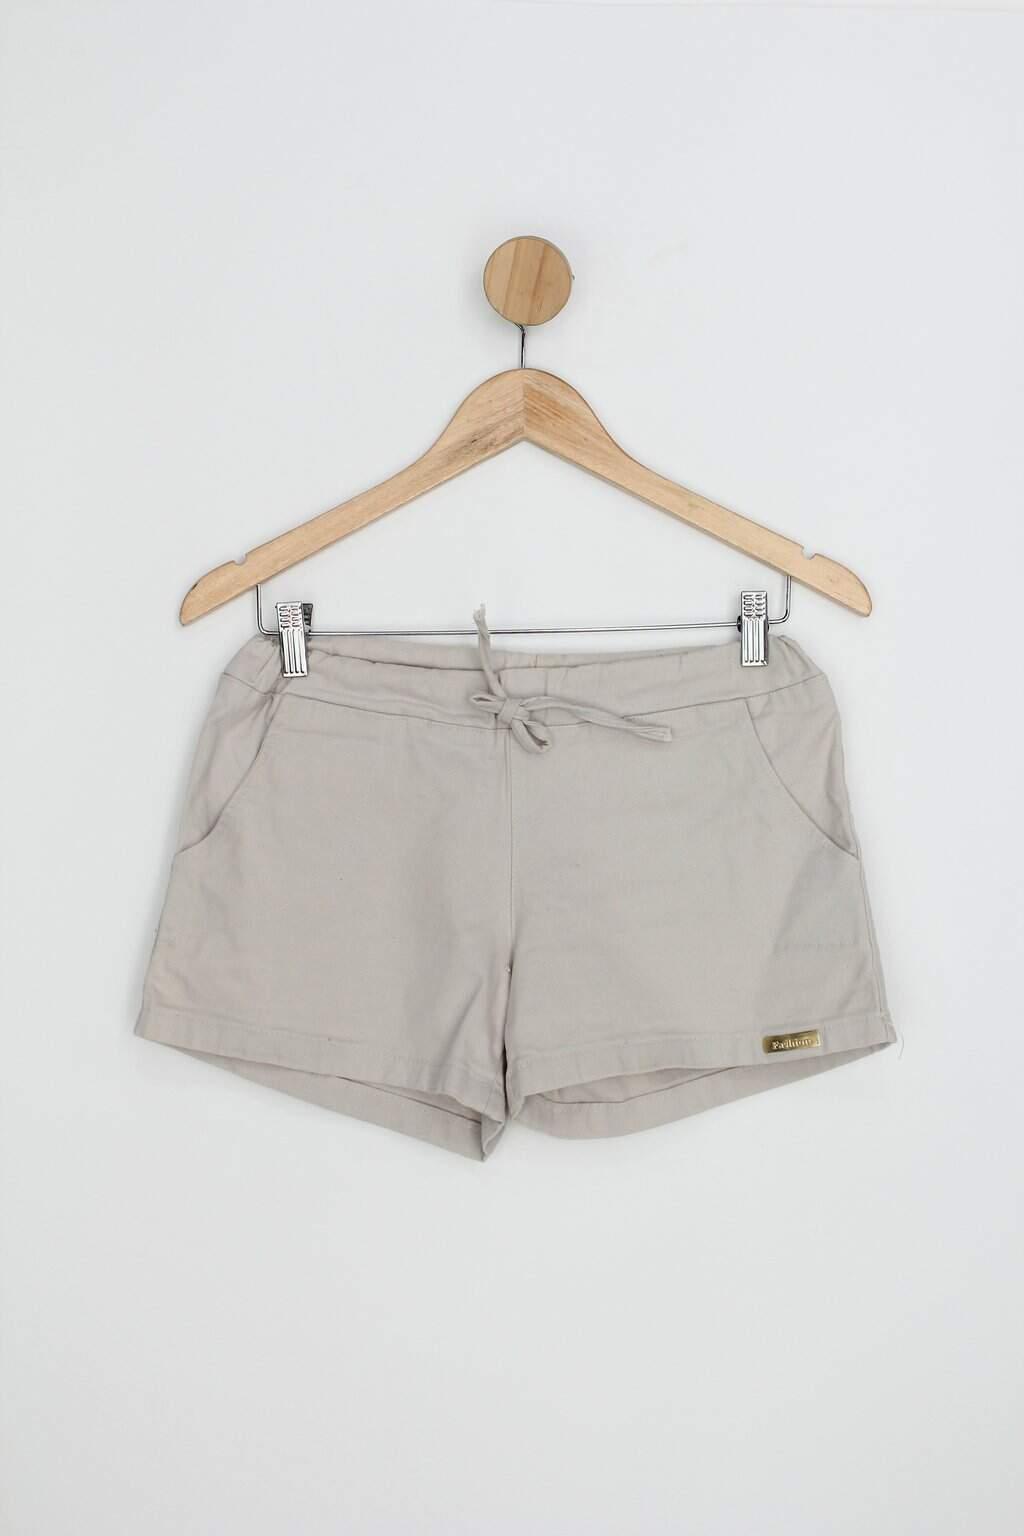 Shorts Feminino Nude